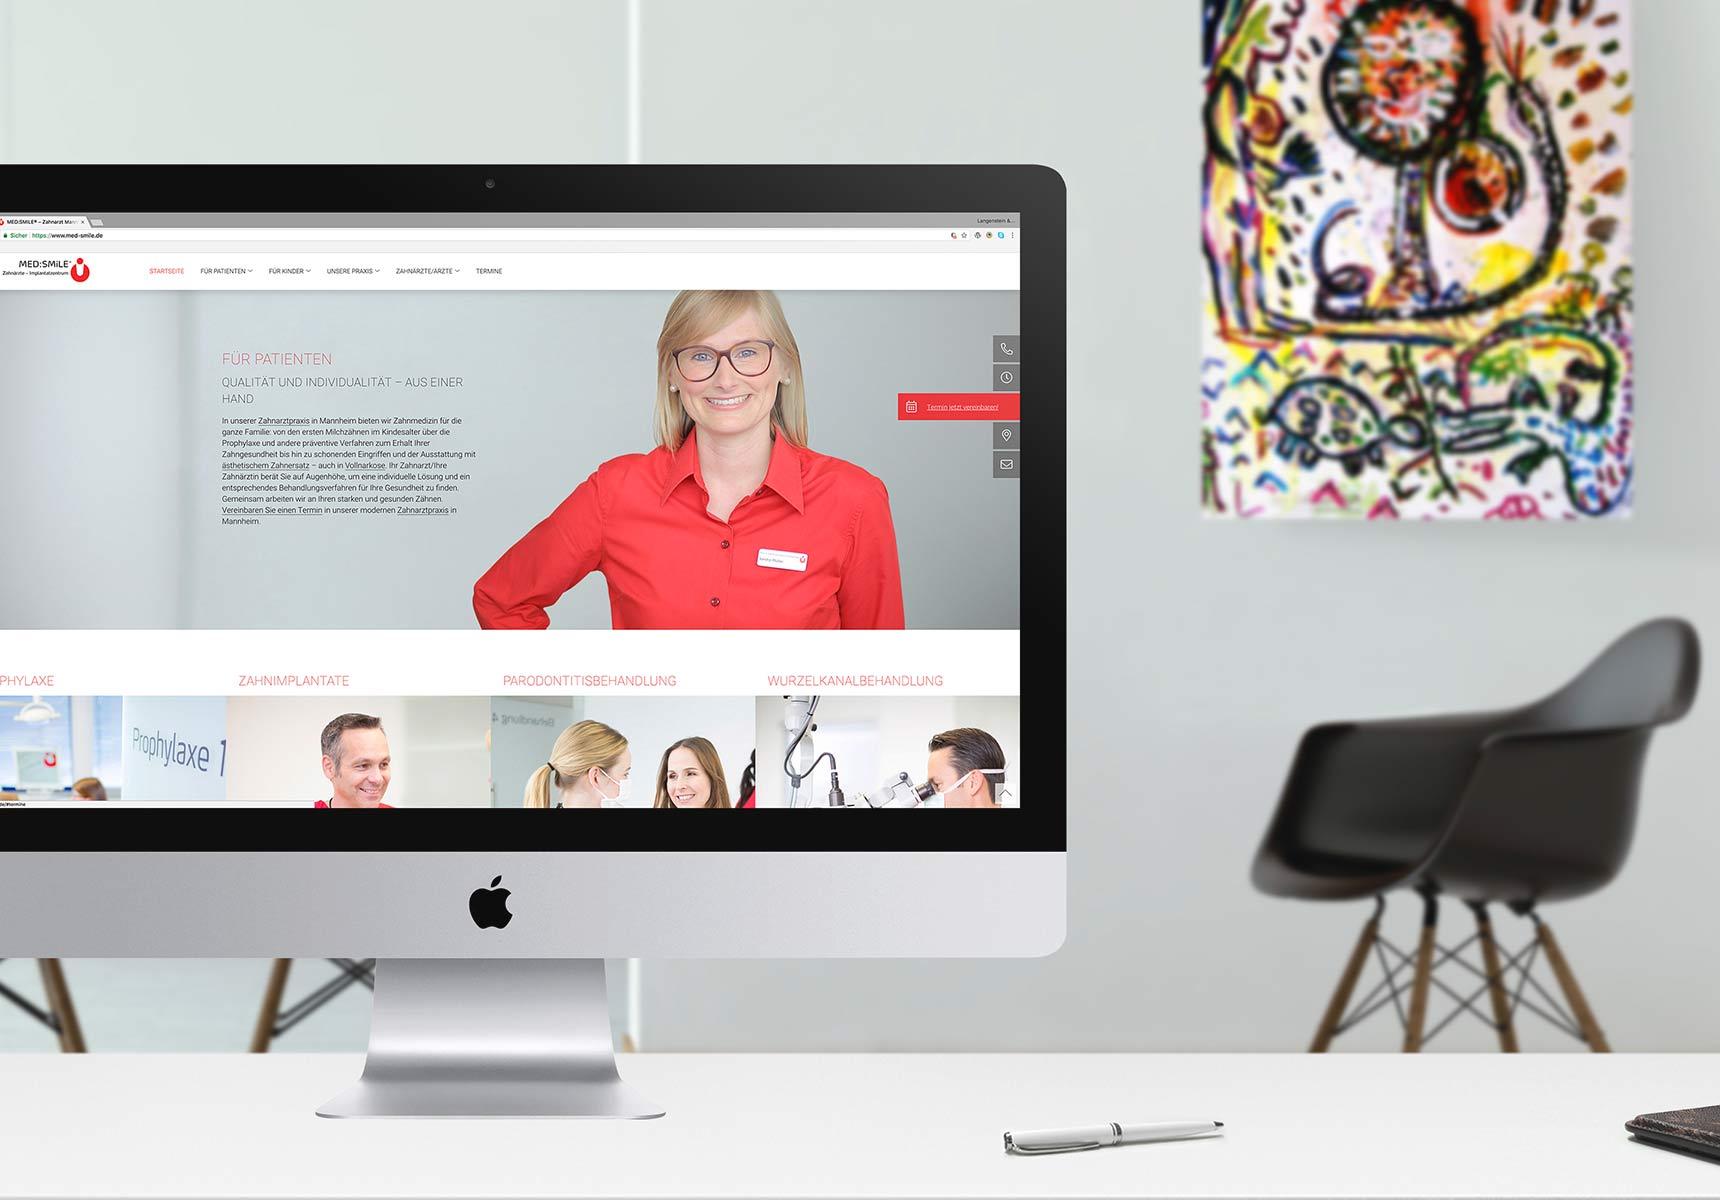 lr praxismarketing medsmile zahnarzt webdesign webseite 4 - Langenstein & Reichenthaler - Agentur für Praxismarketing